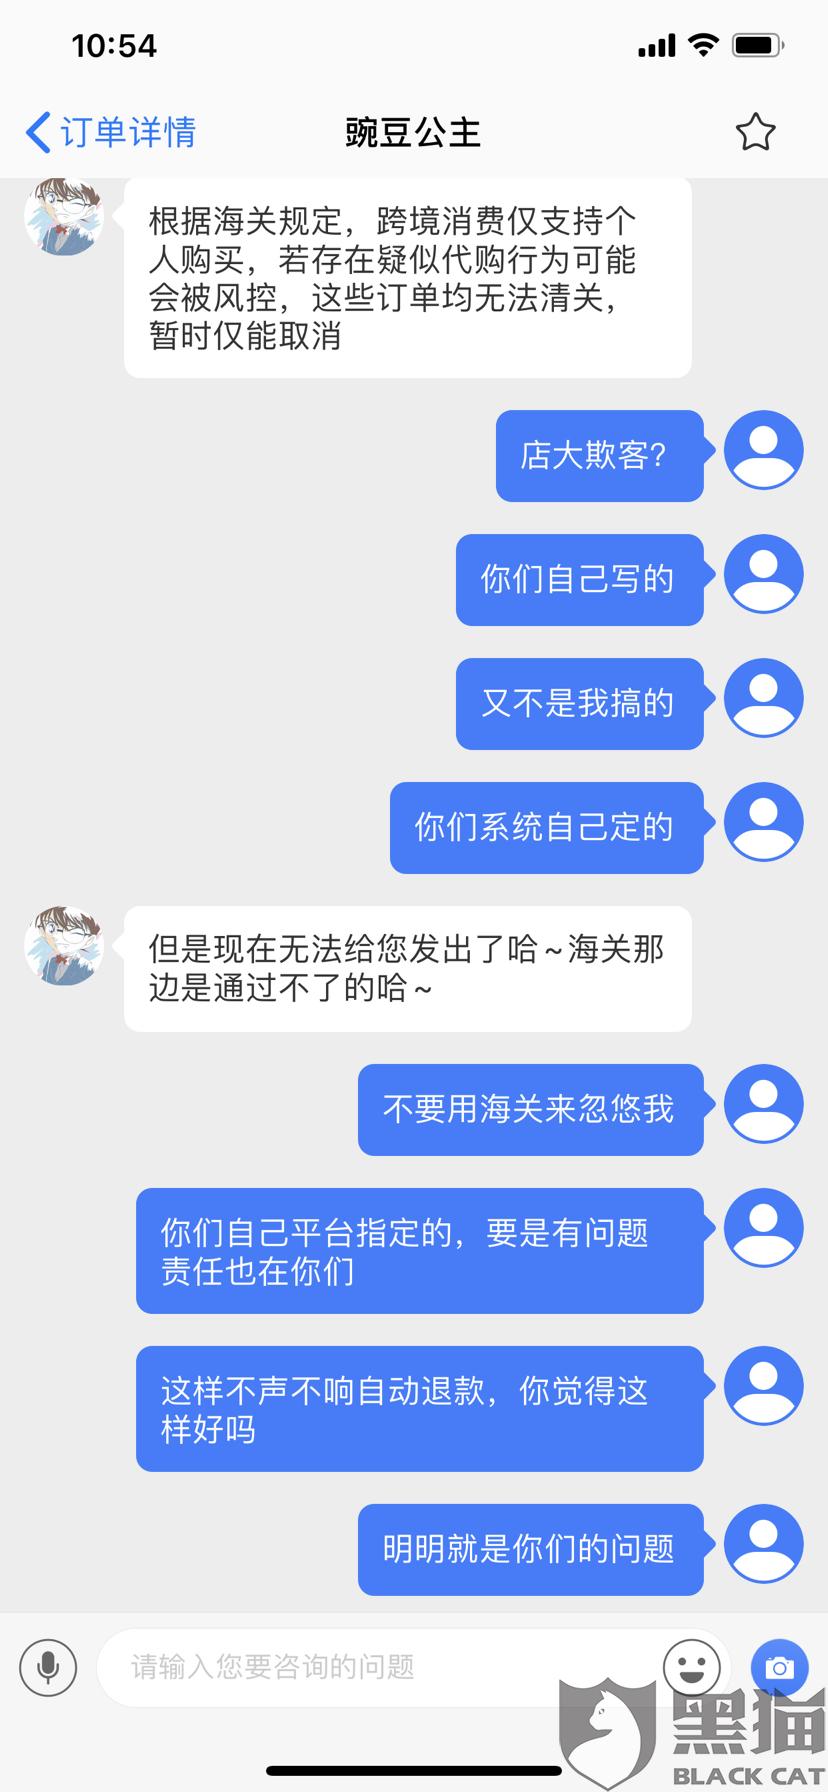 黑猫投诉:豌豆公主店大欺客app150元选160件拒不发货自动退款